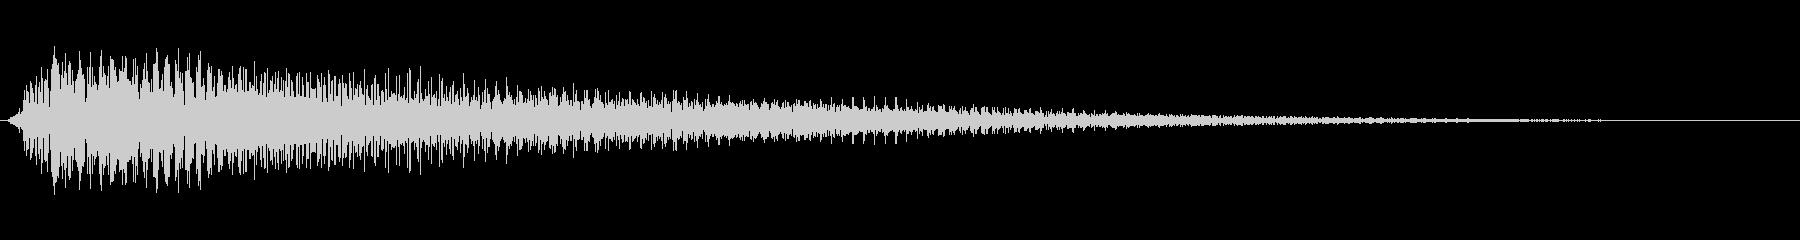 アコギ操作音 ジャラーンの未再生の波形